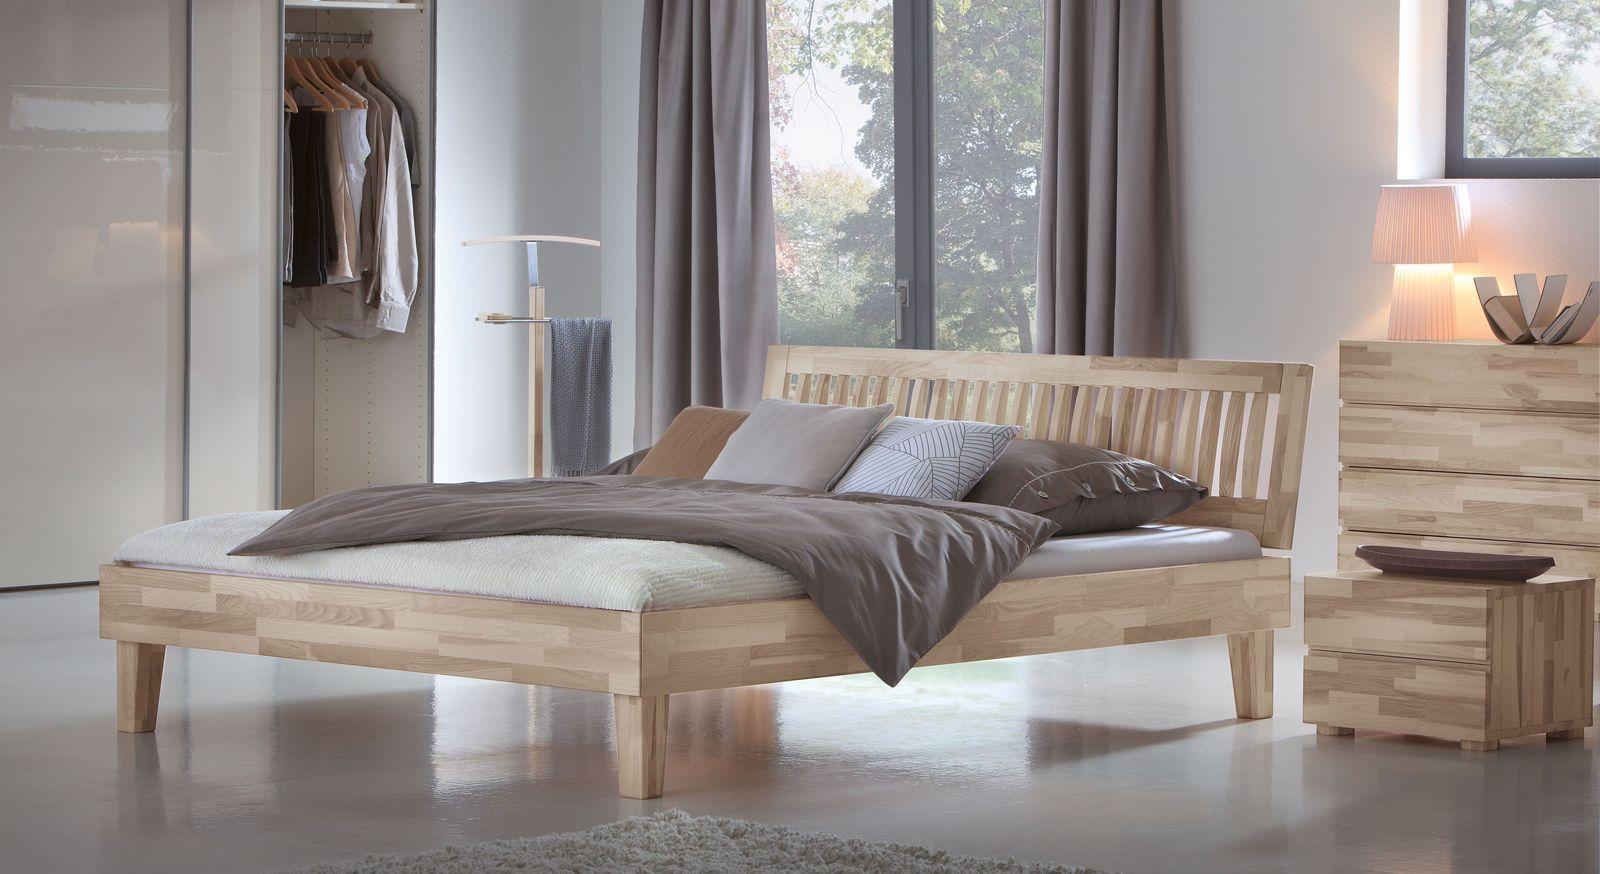 Bett Sunrise aus Kernesche mit passenden Möbeln